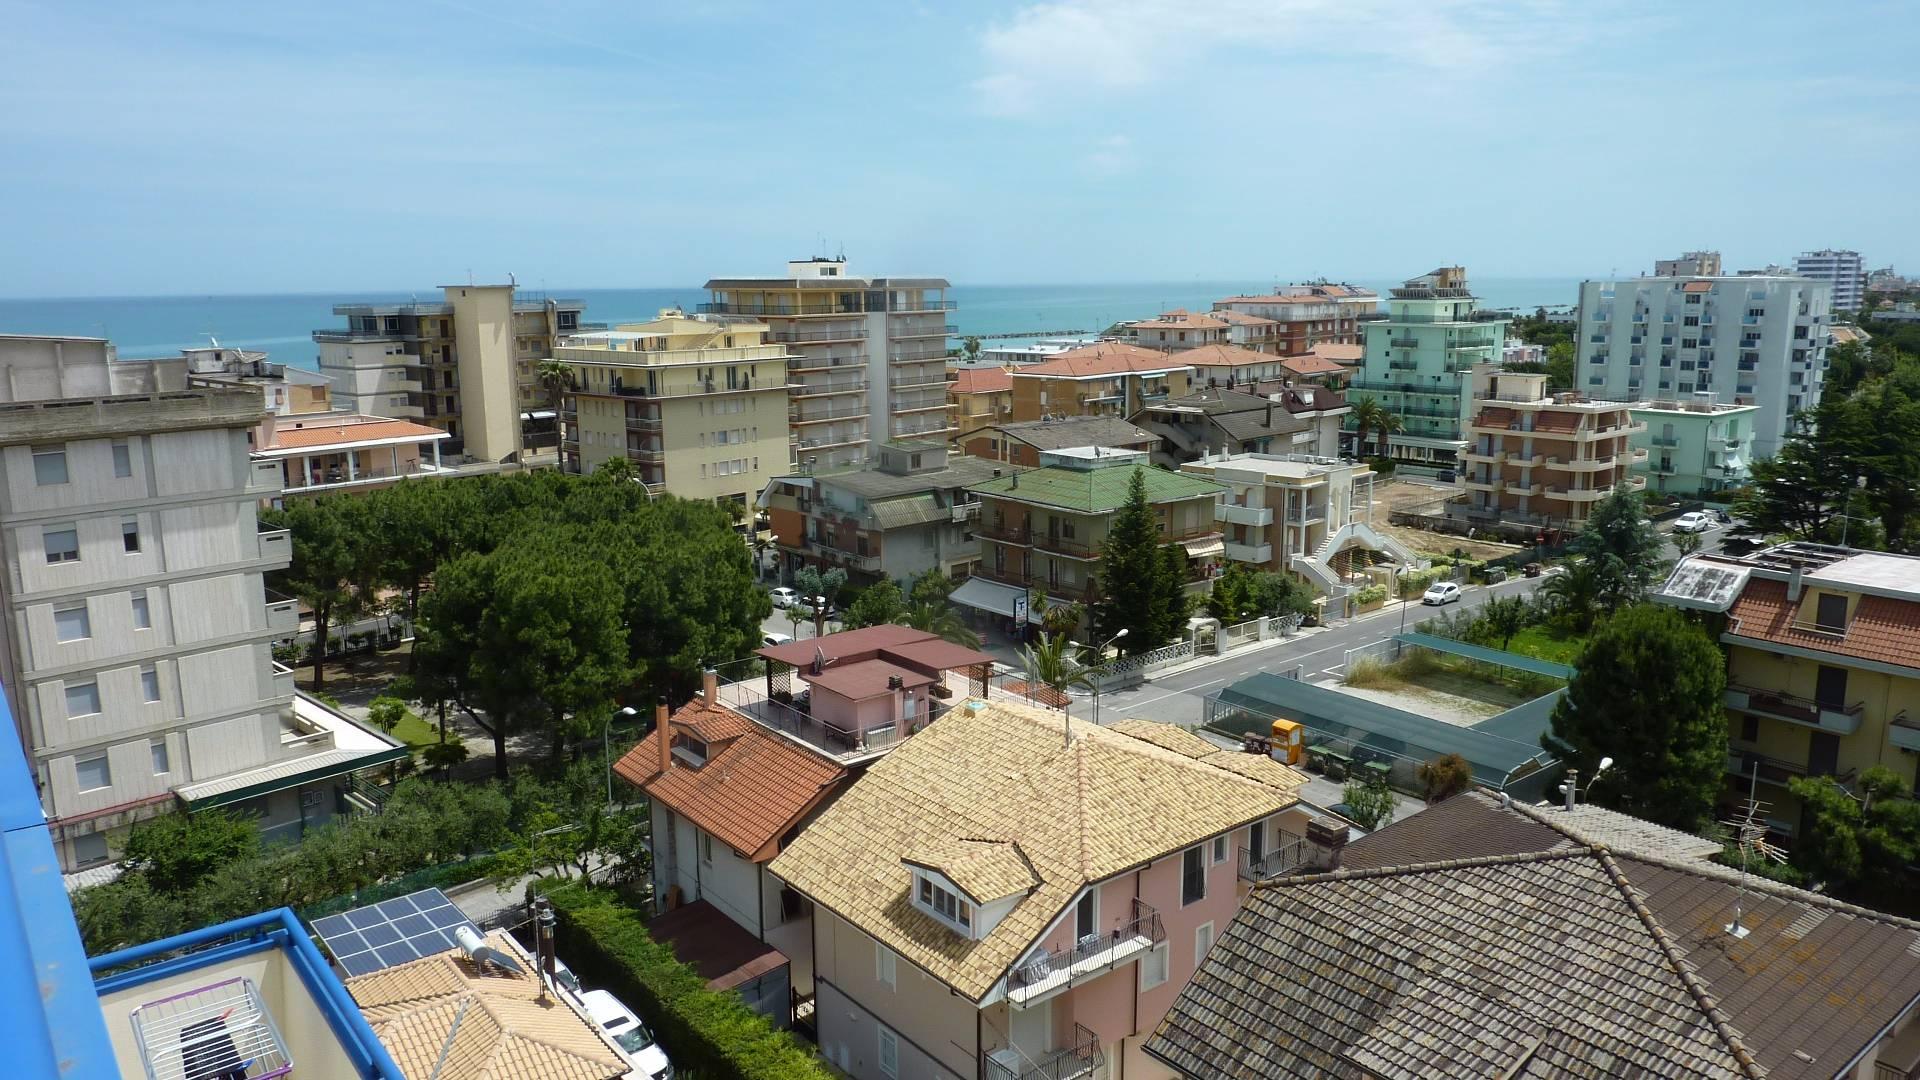 Attico / Mansarda in vendita a San Benedetto del Tronto, 3 locali, zona Località: MARE, prezzo € 240.000 | CambioCasa.it